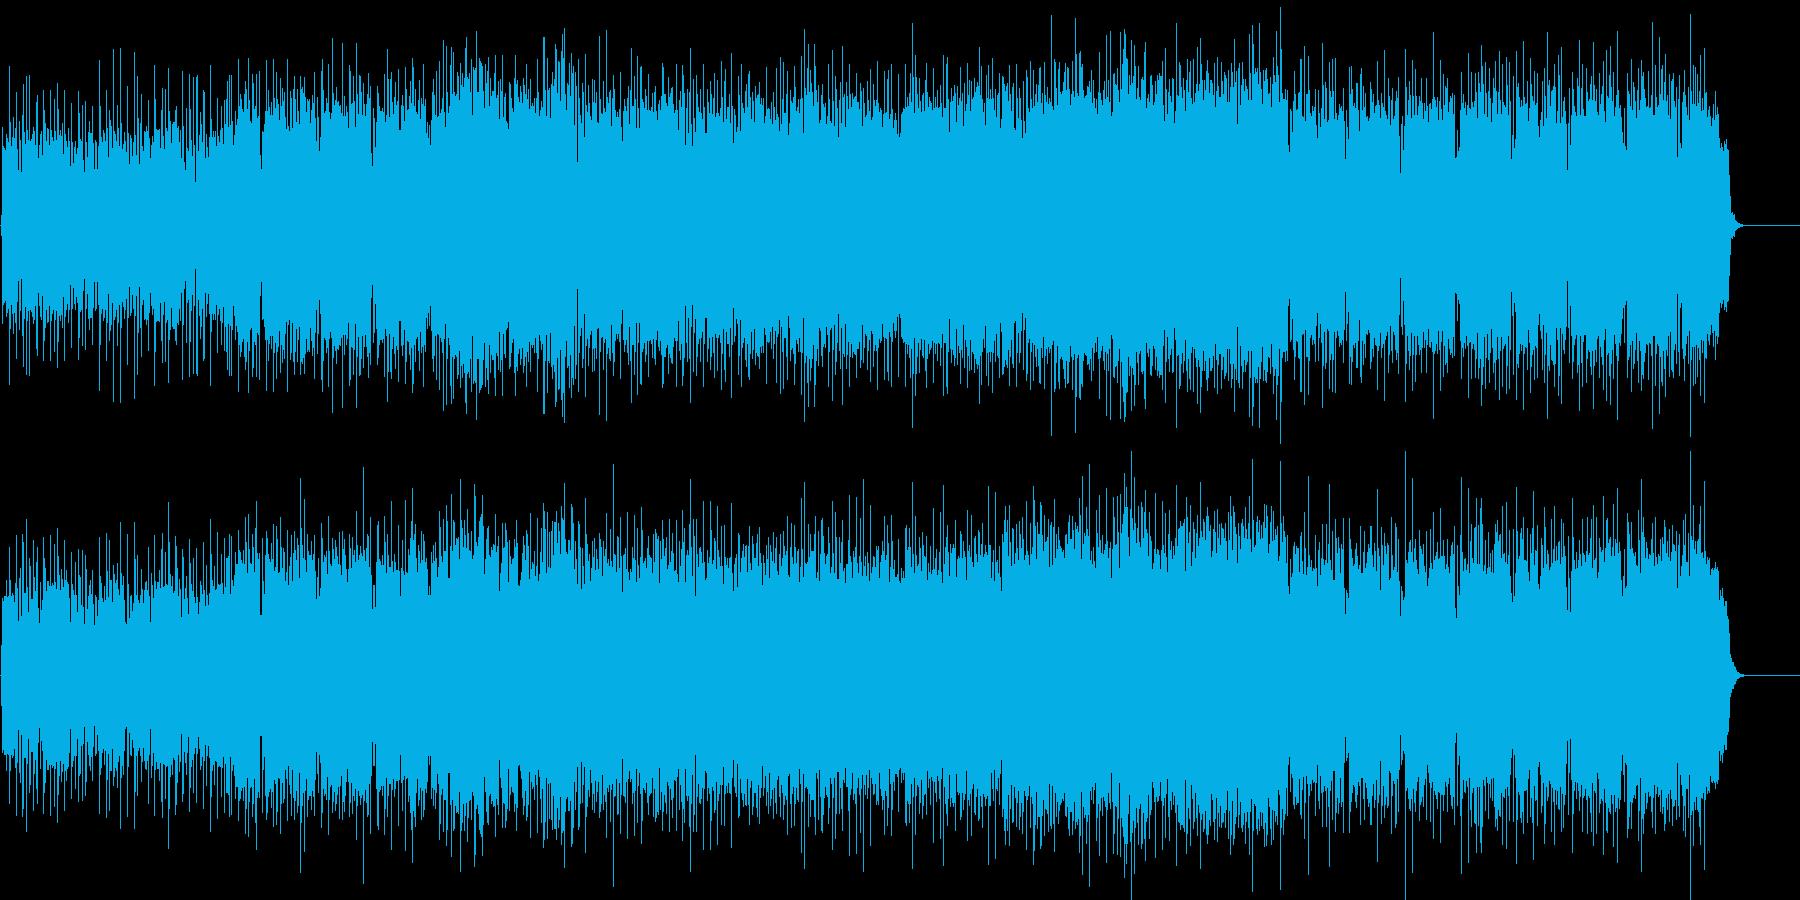 バイカーたちの野性味溢れるヘヴィーメタルの再生済みの波形